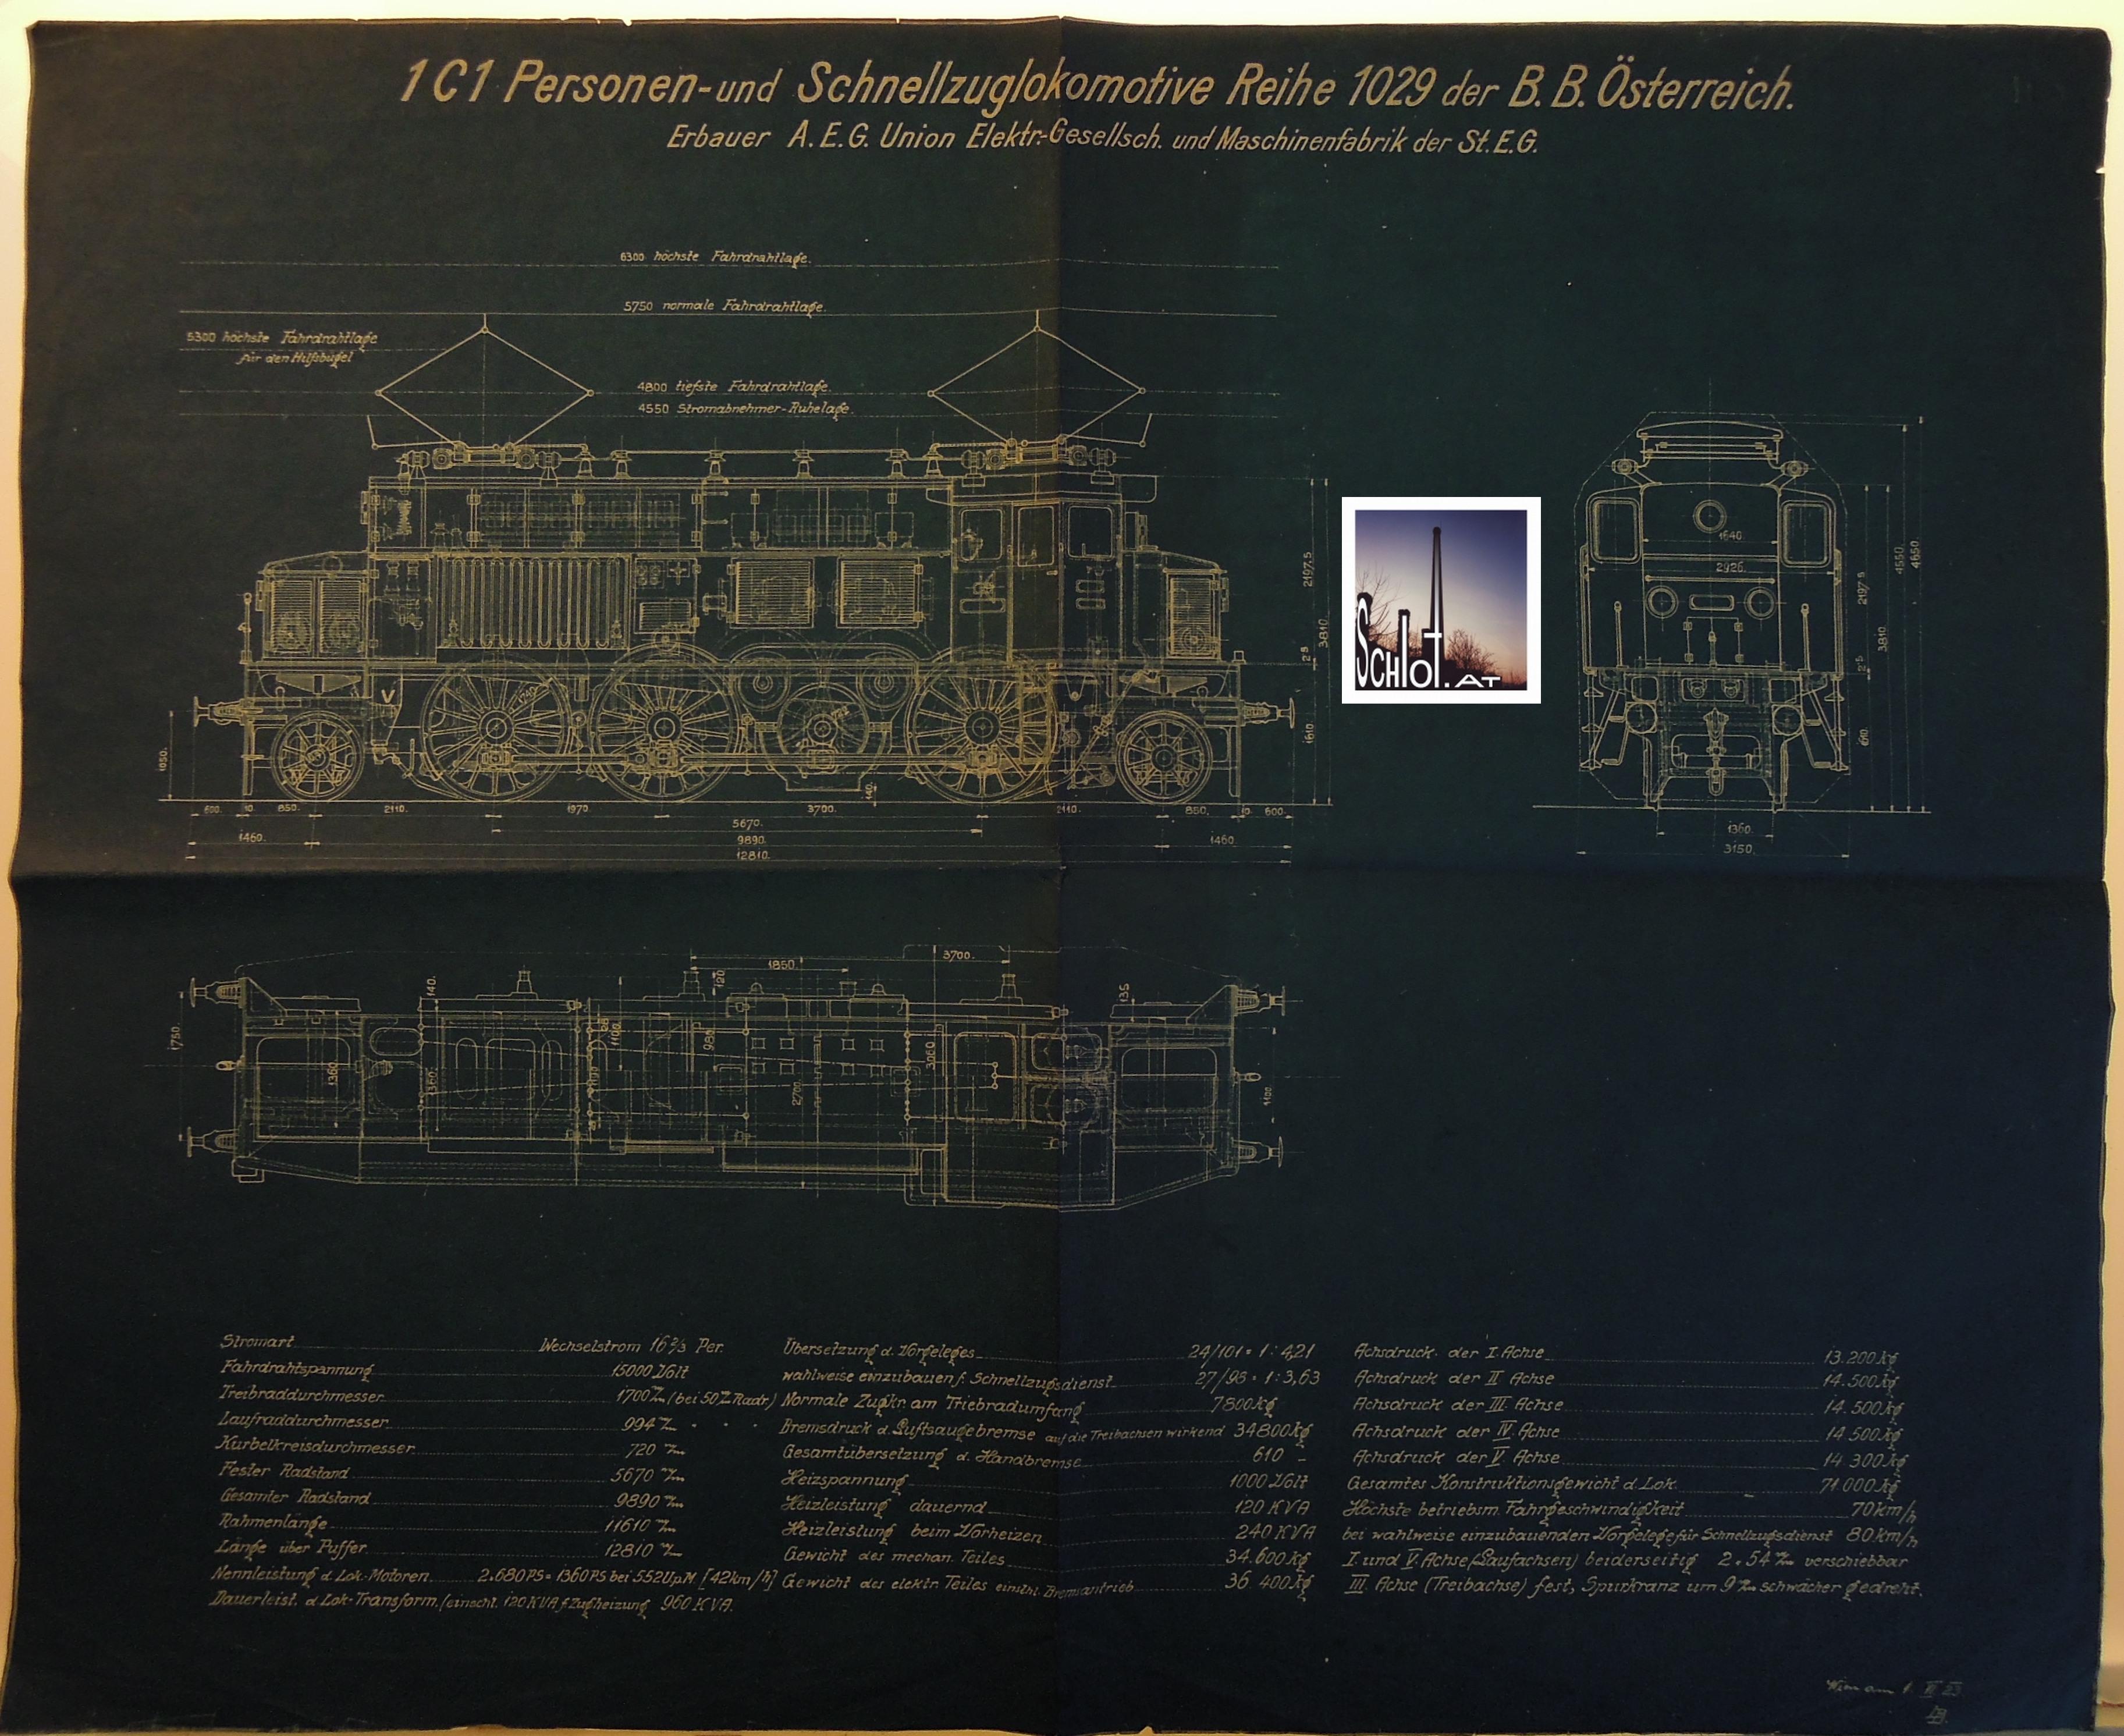 01.06.1923: 1C1 - Personen- und Schnellzugslokomotive BBÖ 1029 - später ÖBB 1073.